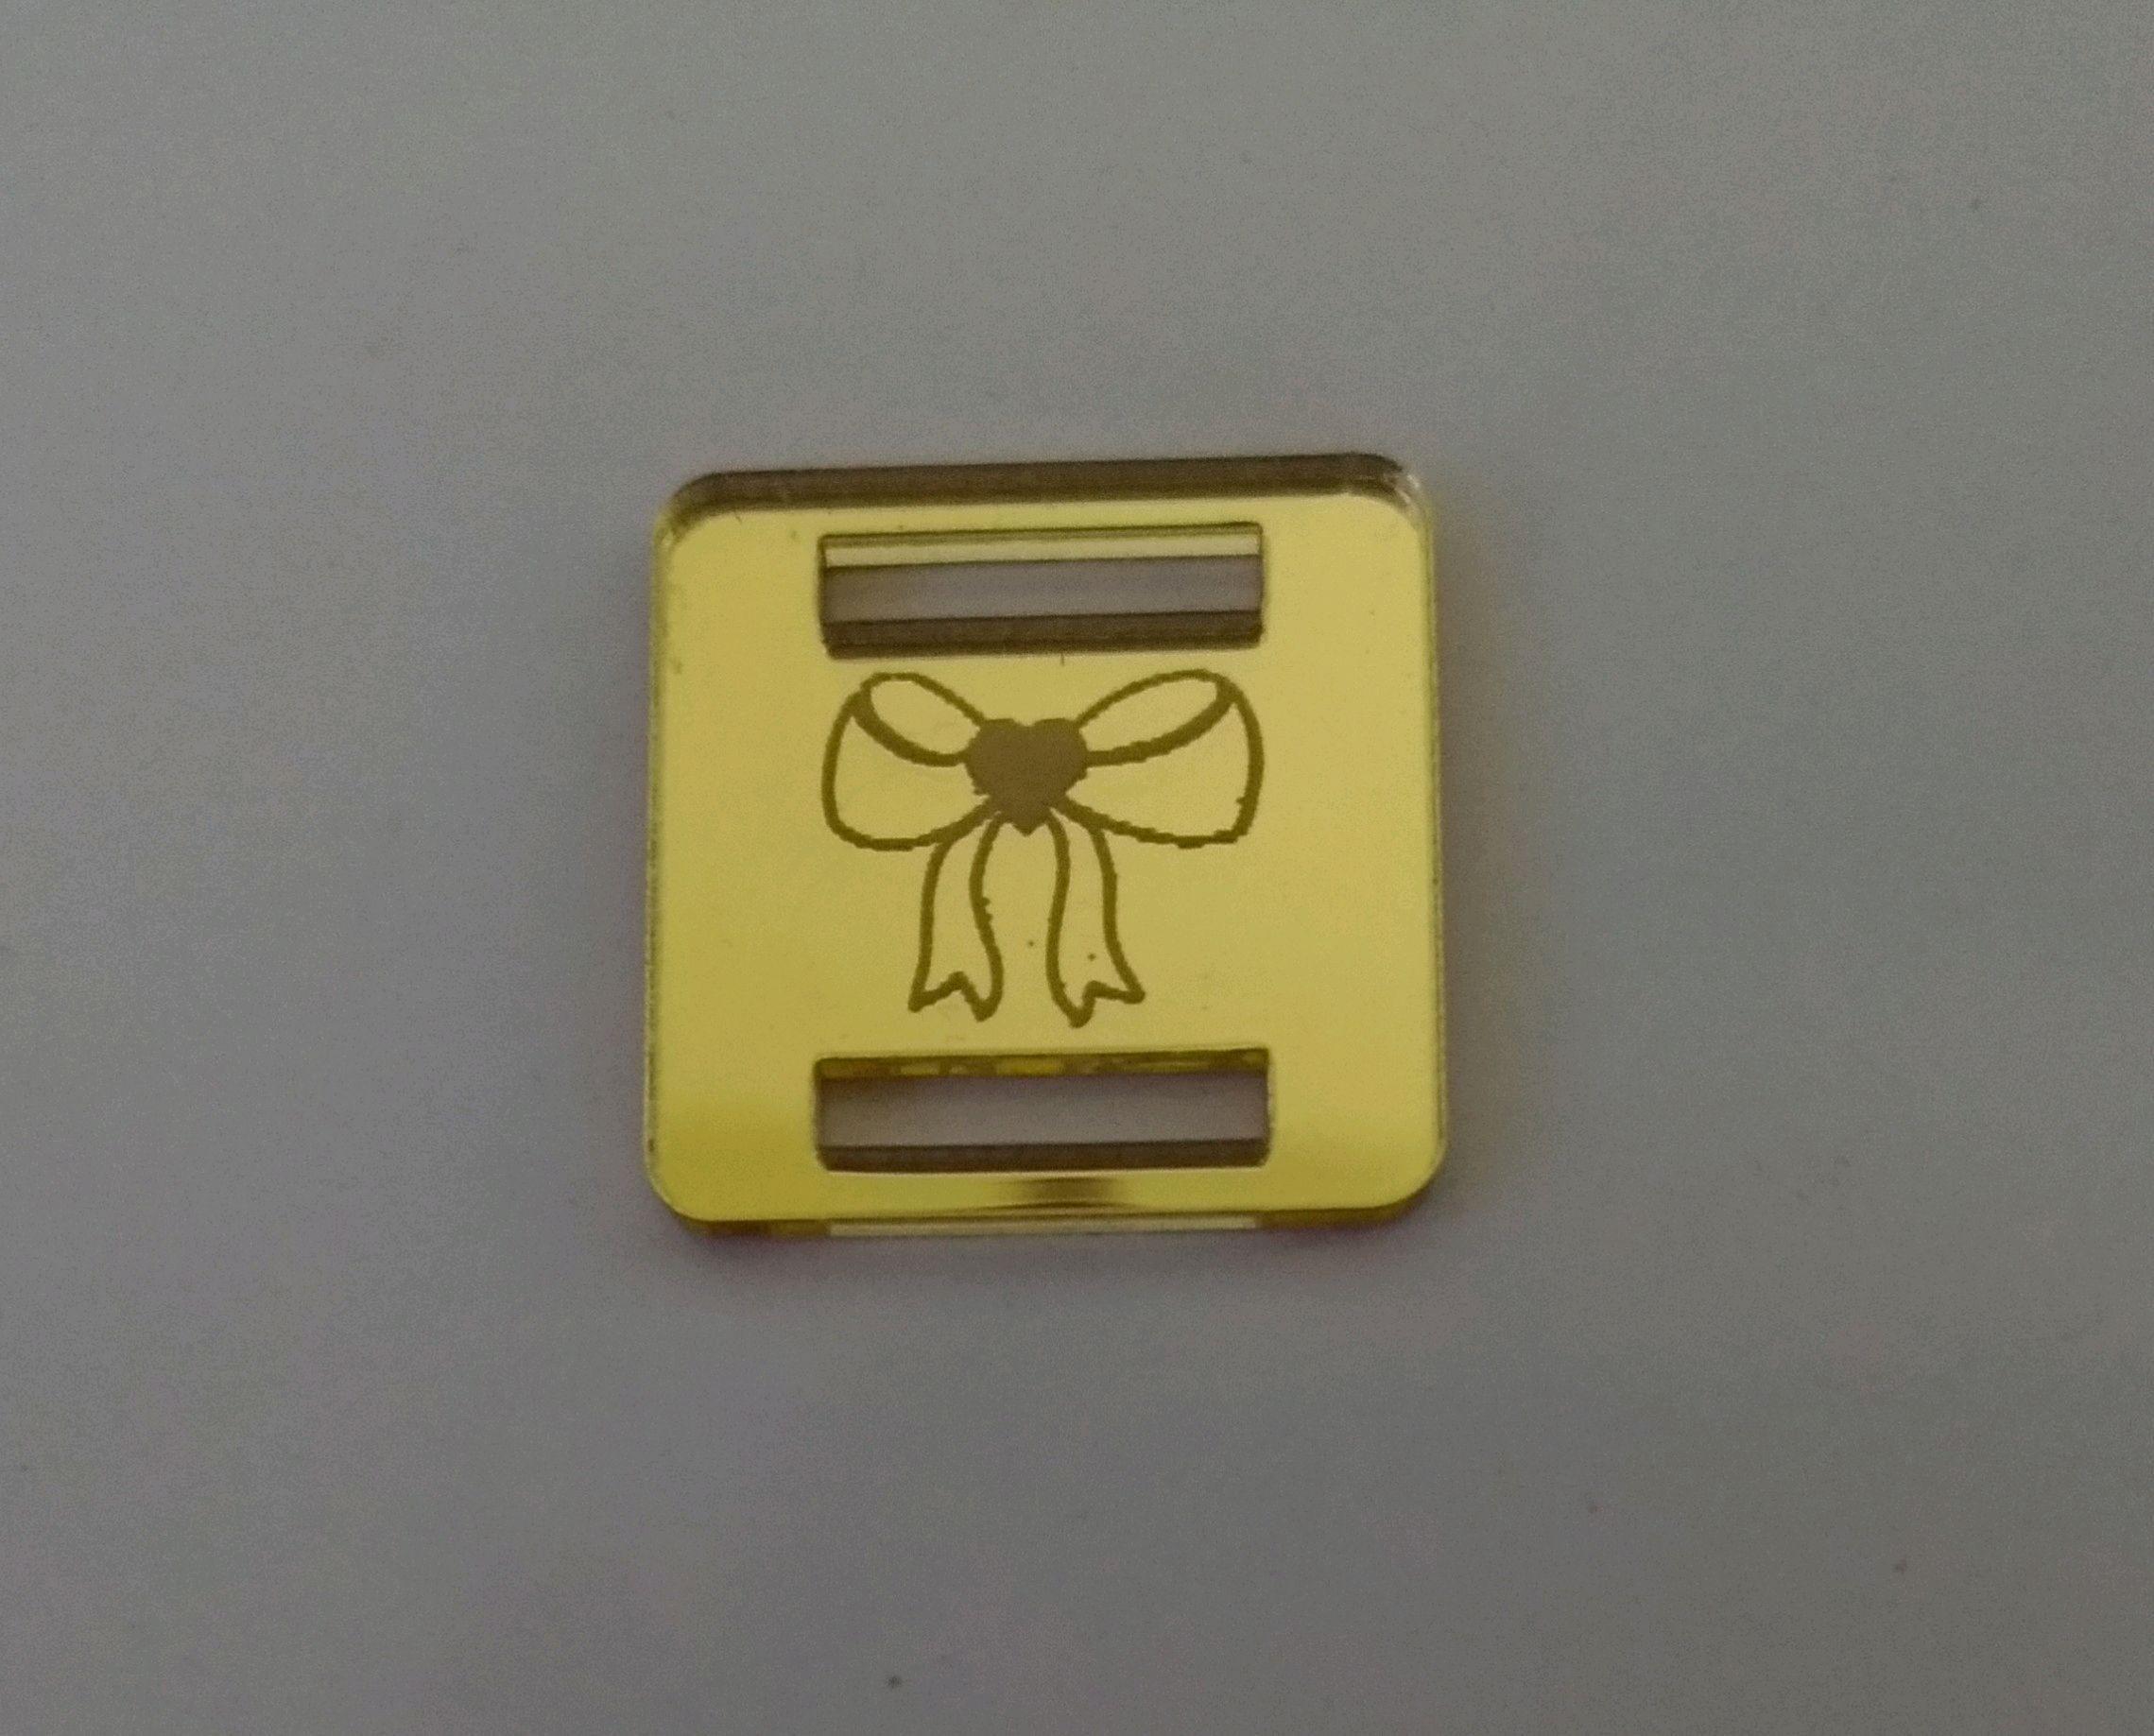 594f107b7 Finalizador em Acrilico Dourado | Elo7